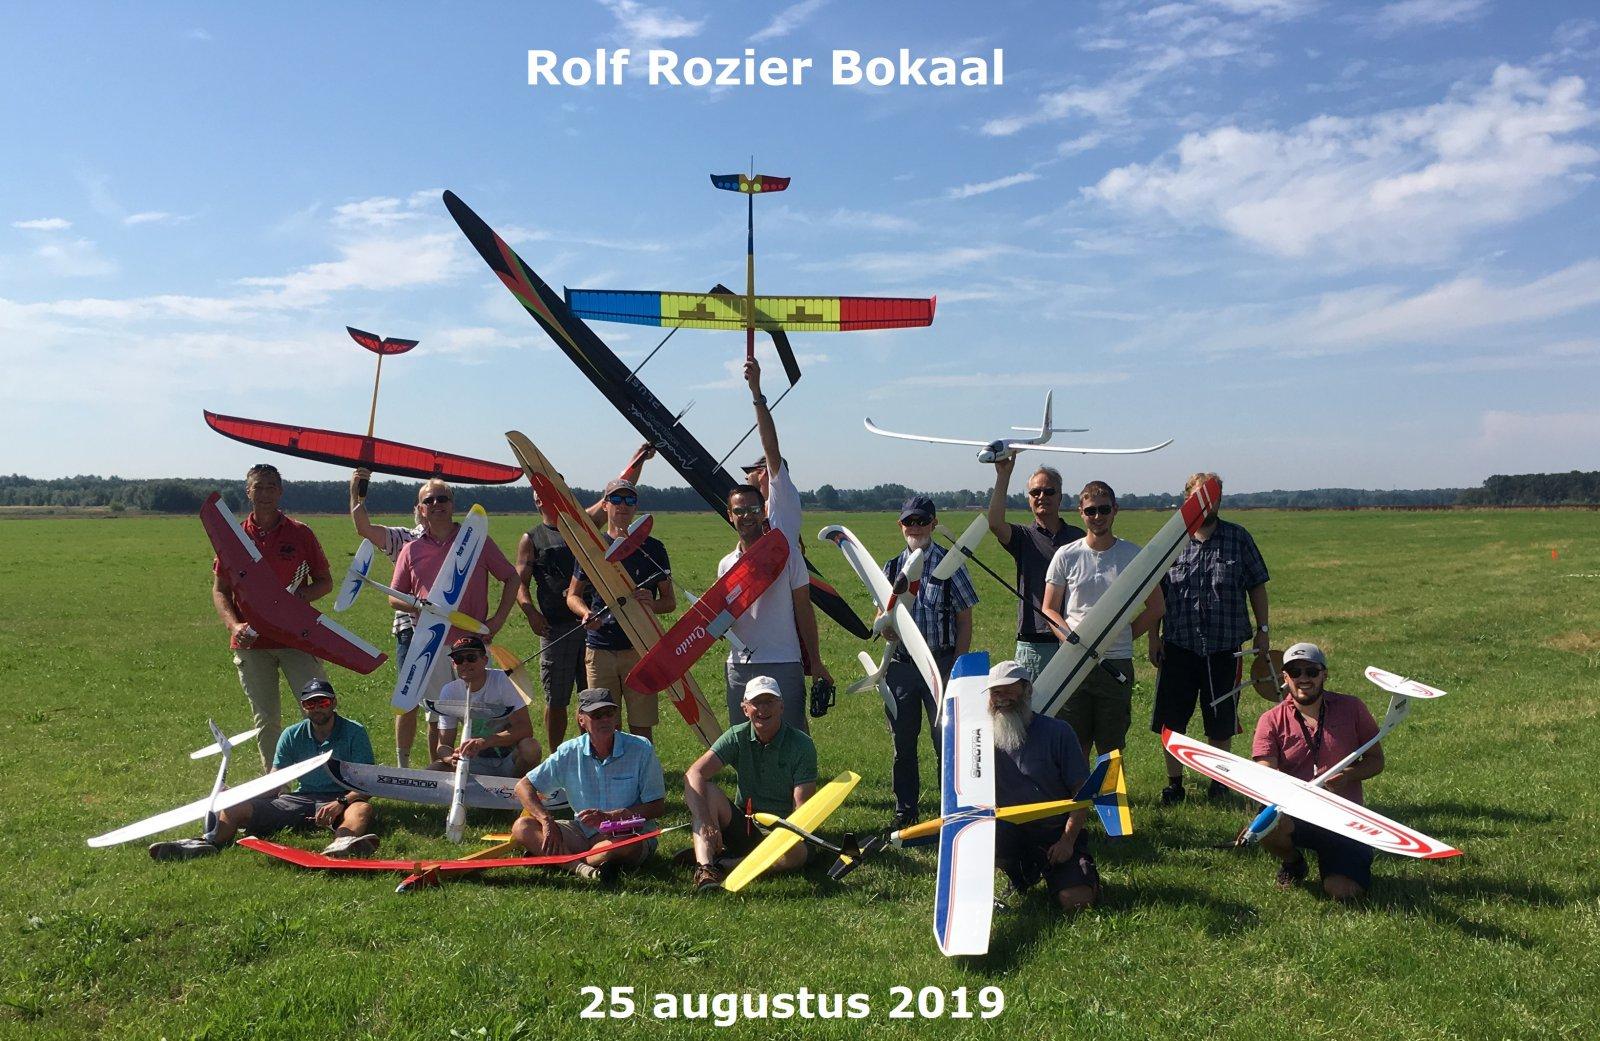 RR_Bokaal_2019_1_Groep.jpg